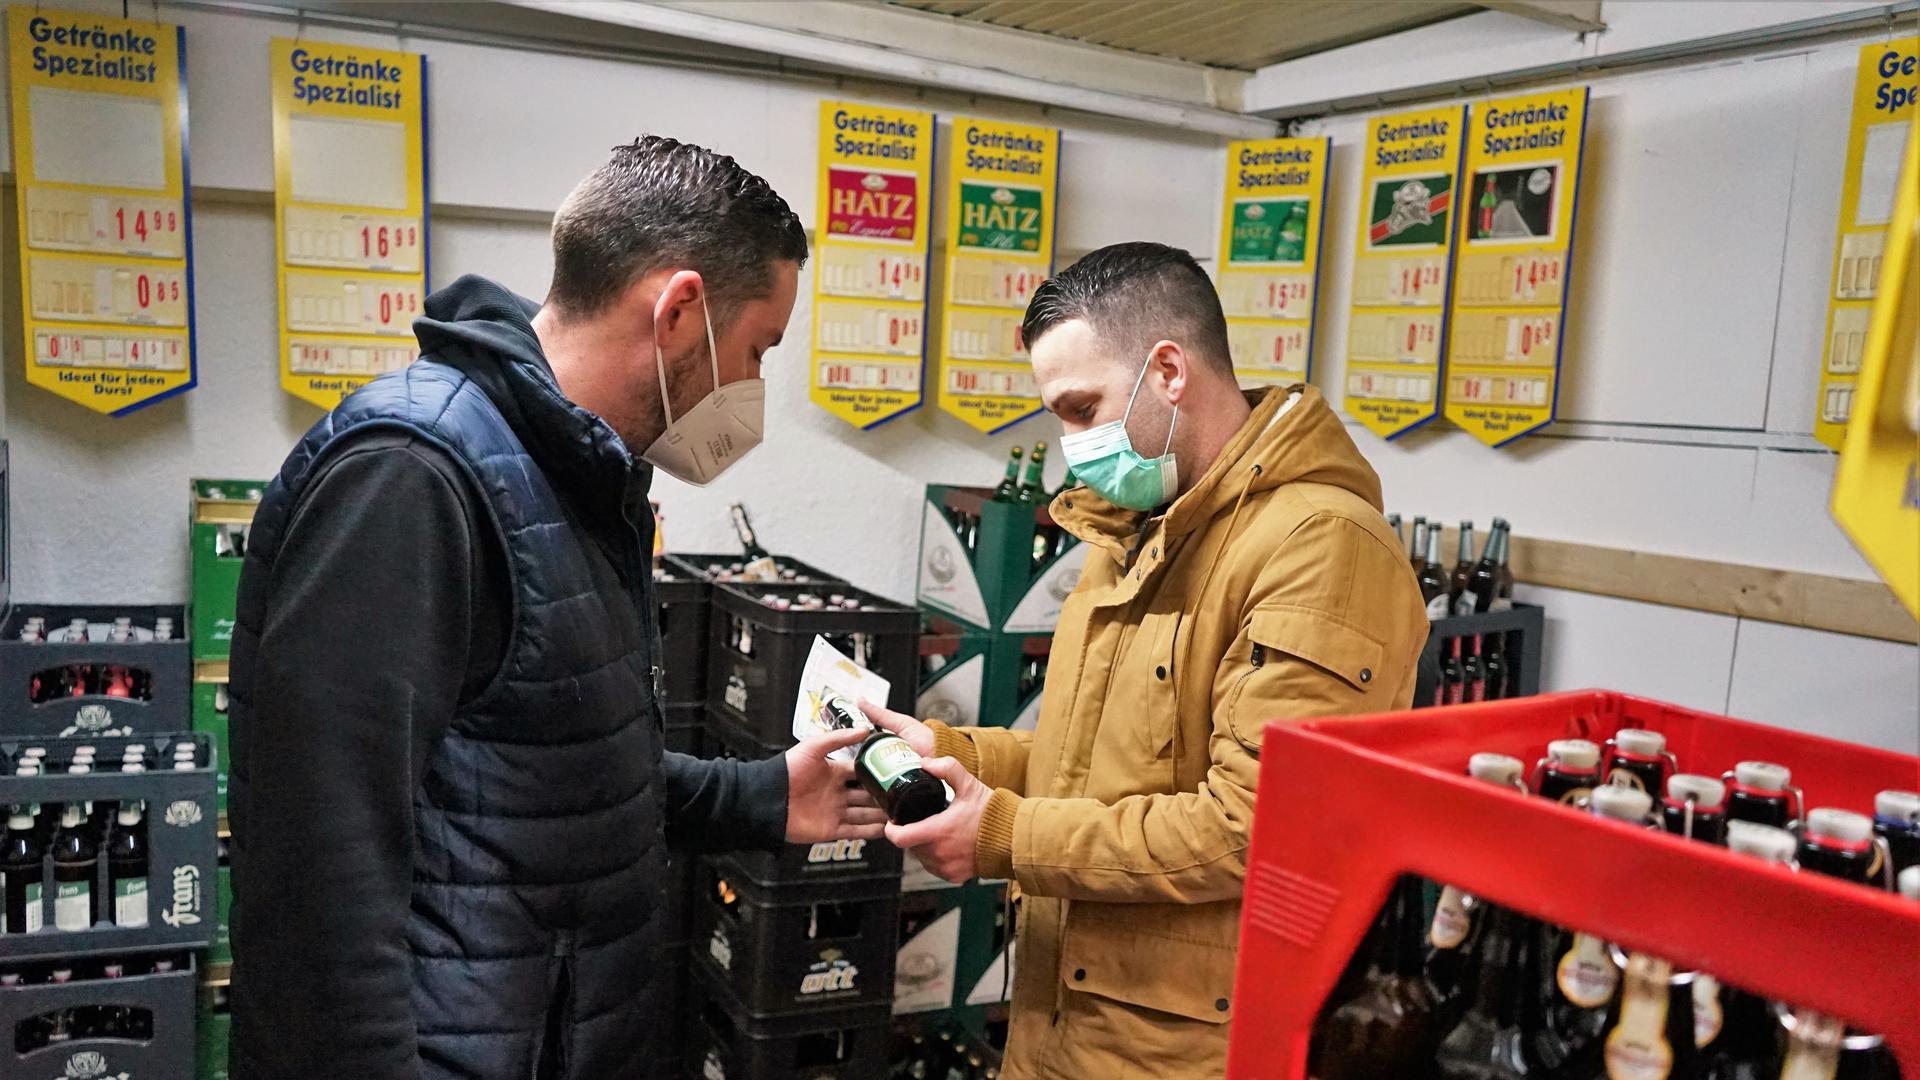 Zwei Männer mit Masken im Getränkemarkt